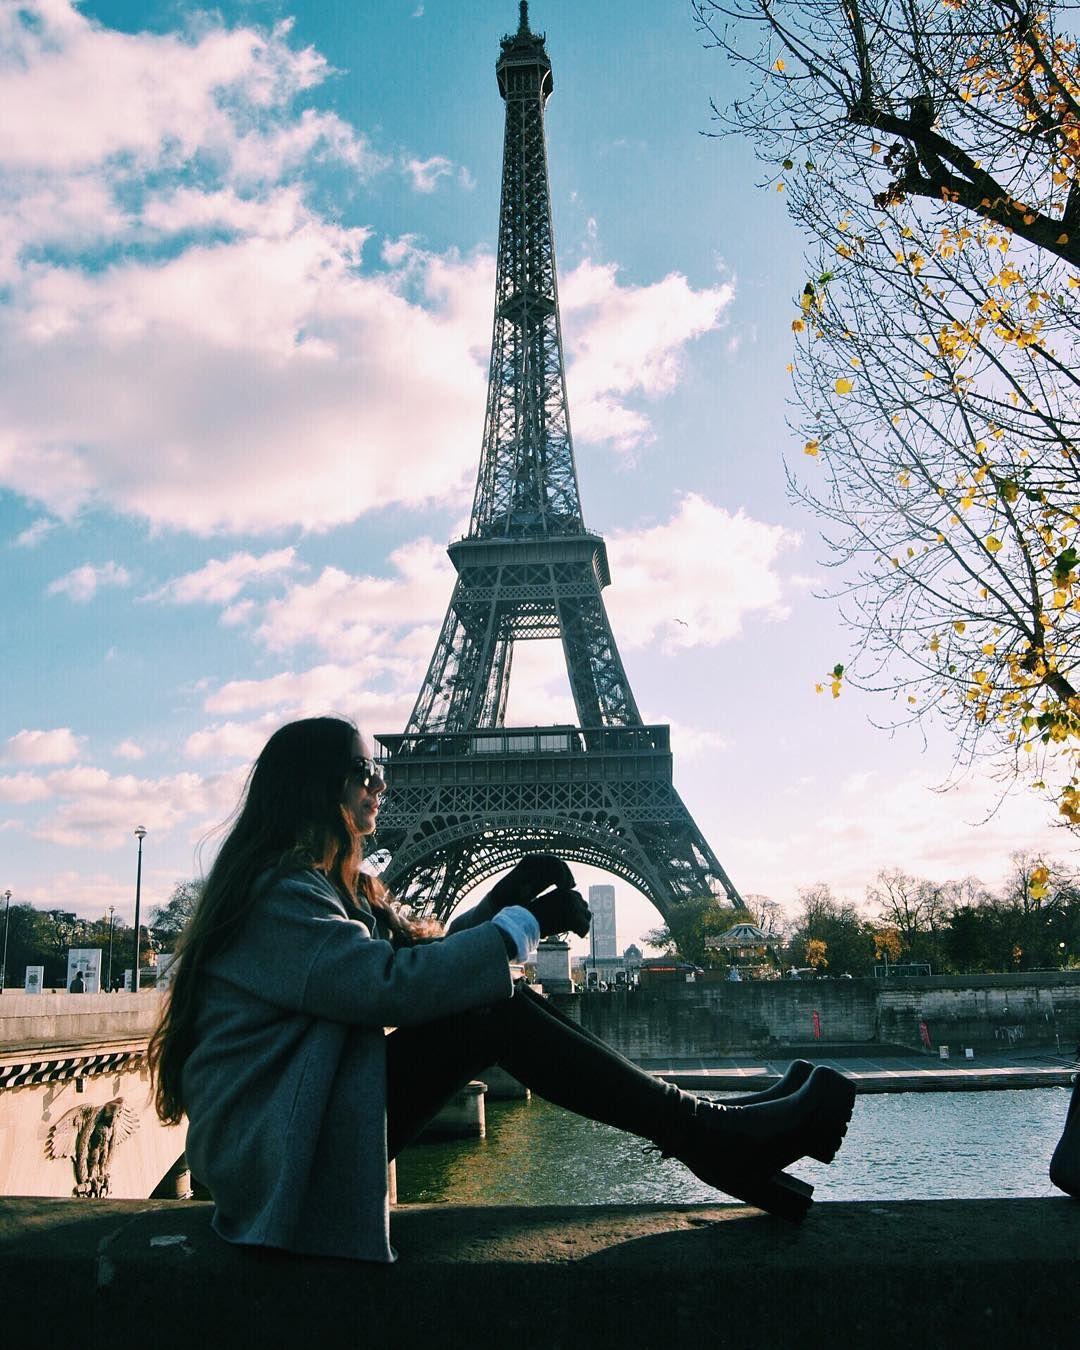 Marina Velasco On Instagram Faites Que Le Reve Devore Votre Vie Afin Que La Vie Ne Devore Pas Votre Reve Paris Pictures Paris Travel Travel Photography